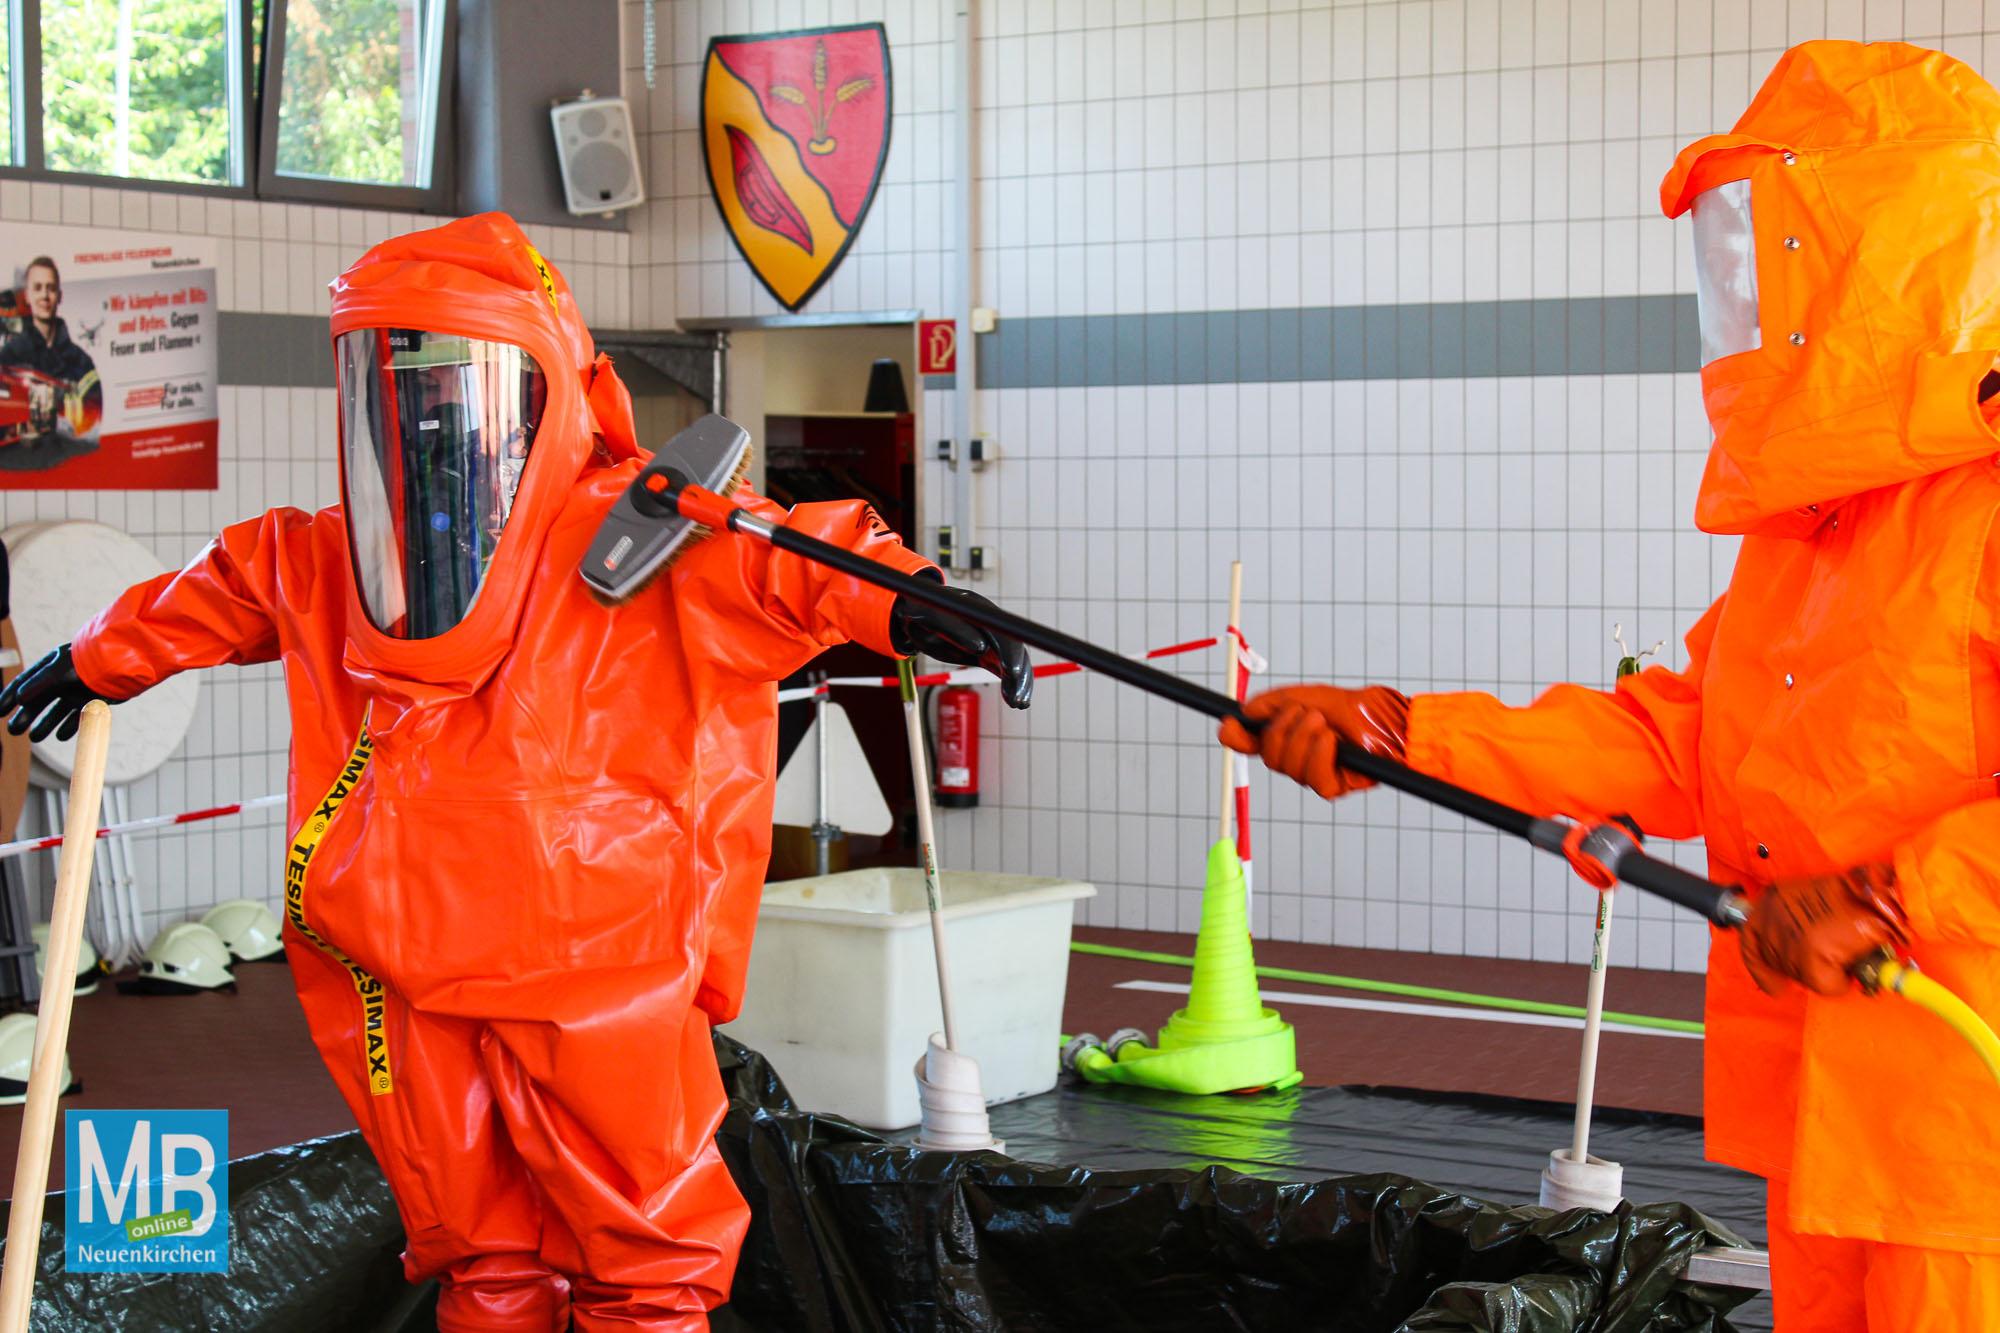 Übung für den Ernstfall: ABC-Einsatz für die Freiwillige Feuerwehr Neuenkirchen. | Foto: Kaumanns